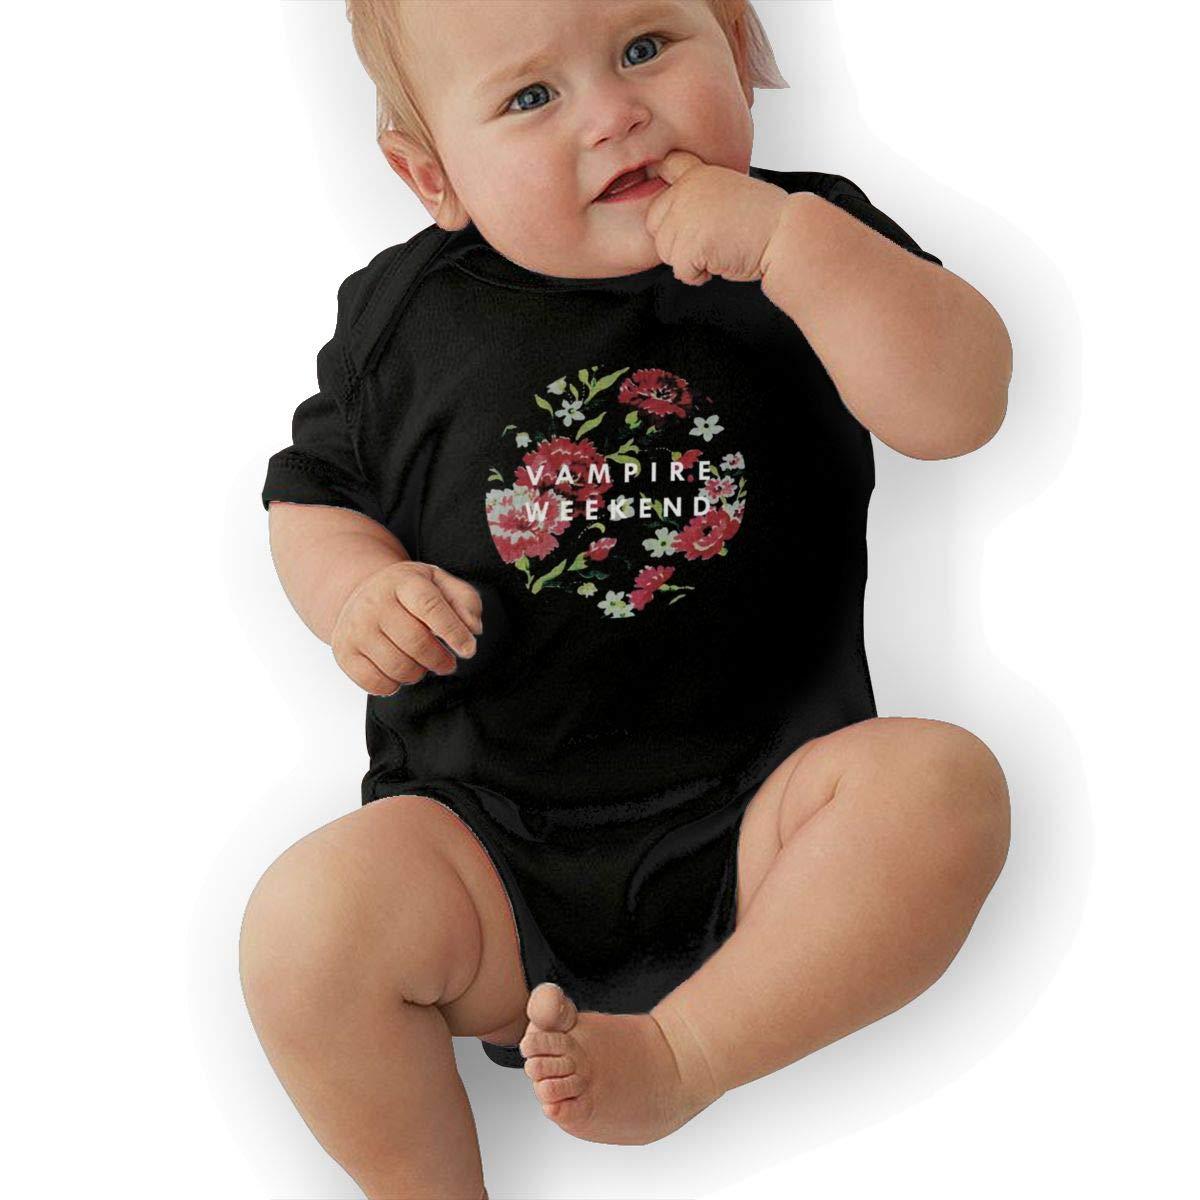 Reneesme Baby Infant Short Sleeve Romper Vampire-Weekend Black Bodysuit One-Piece Jumpsuit Outfit